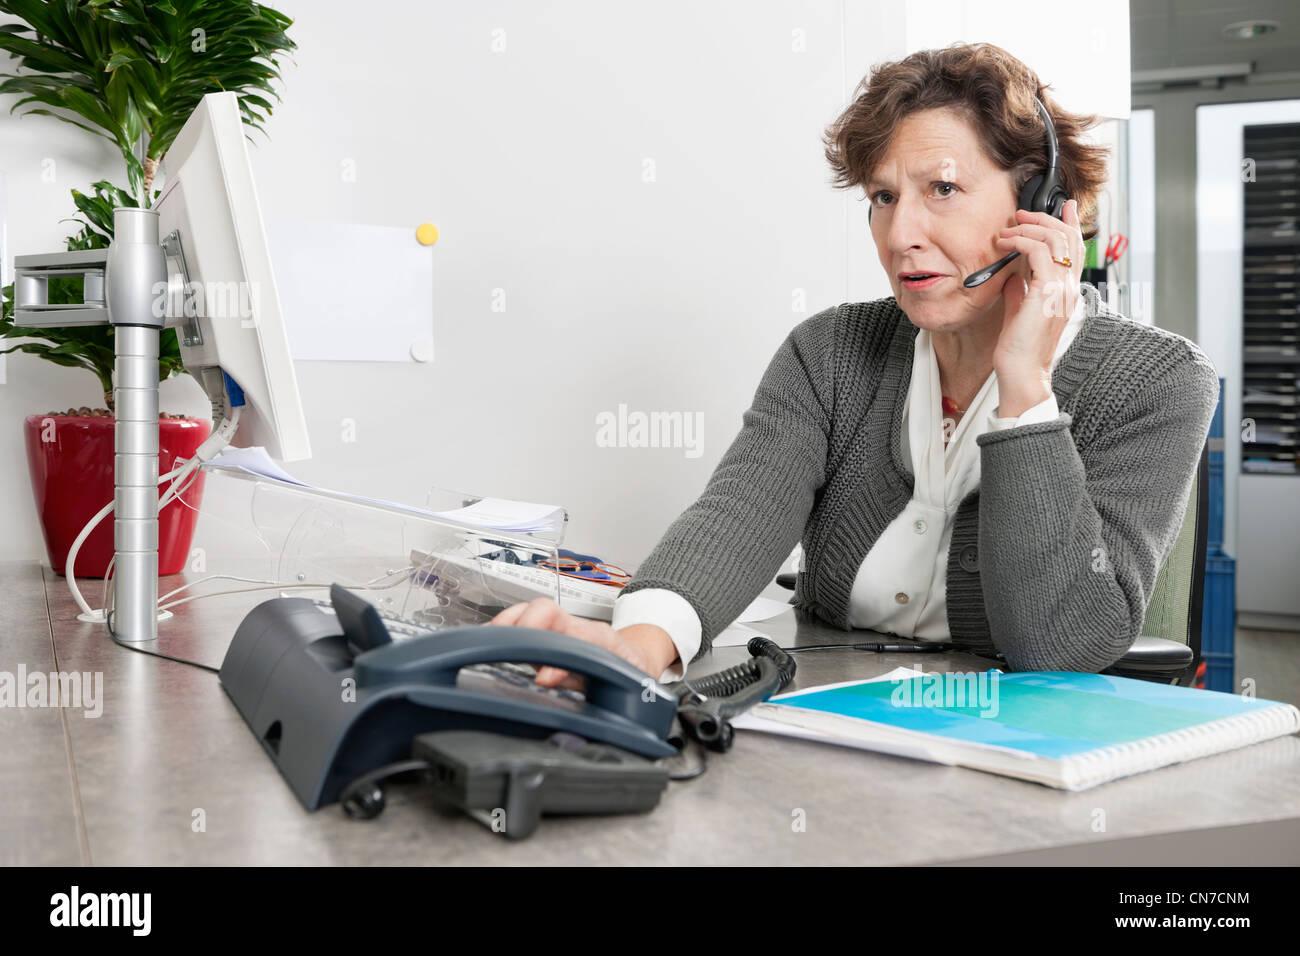 Call Center-Mitarbeiter auf die Frage von einem Anrufer aufmerksam zuhören Stockfoto